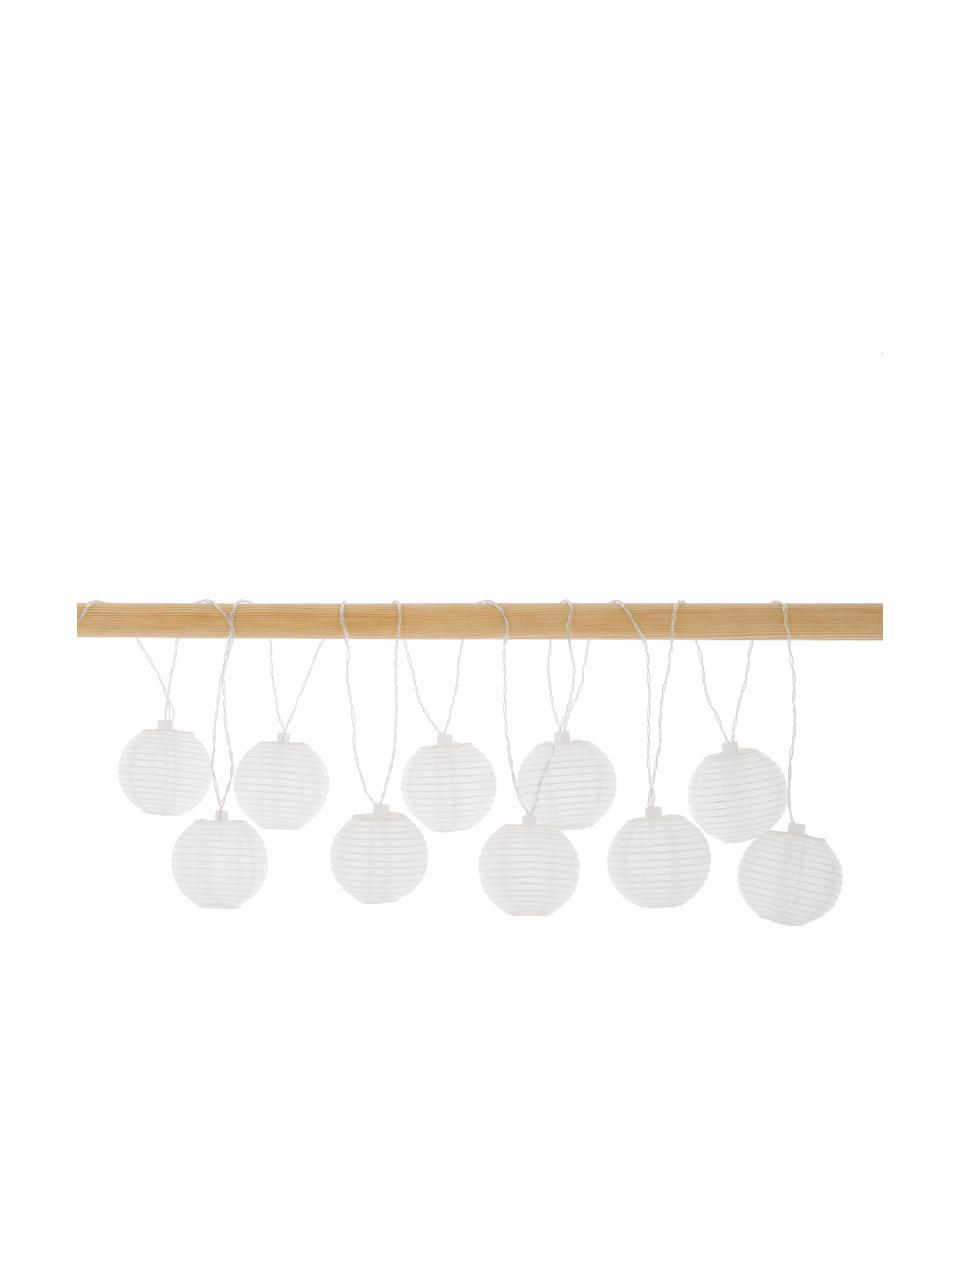 Ghirlanda solare a LED Ball, 270 cm, 10 lampioni, Lanterne: poliestere, carta di riso, Bianco, Lung. 270 cm